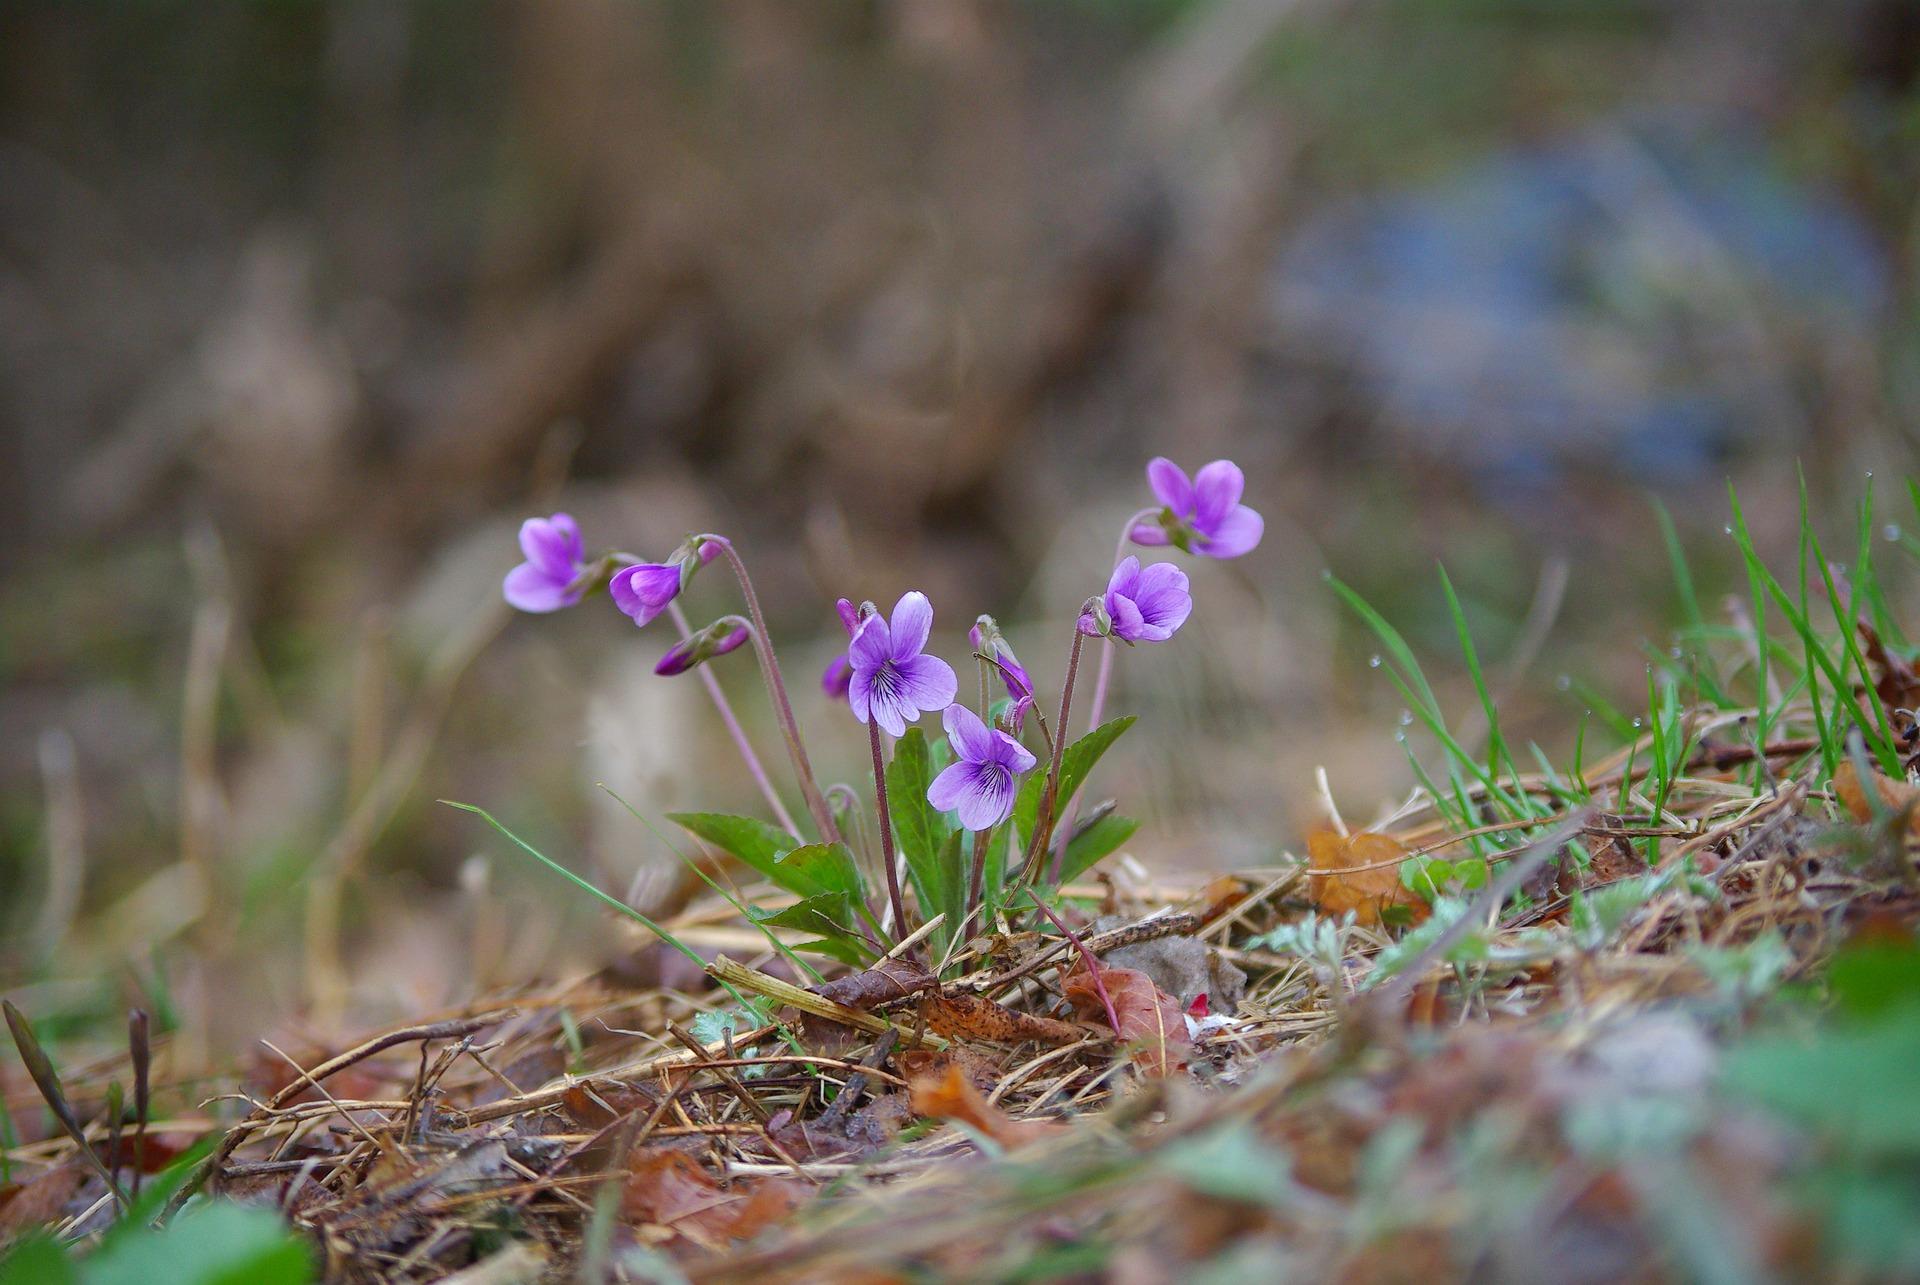 Edible Violet Flowers